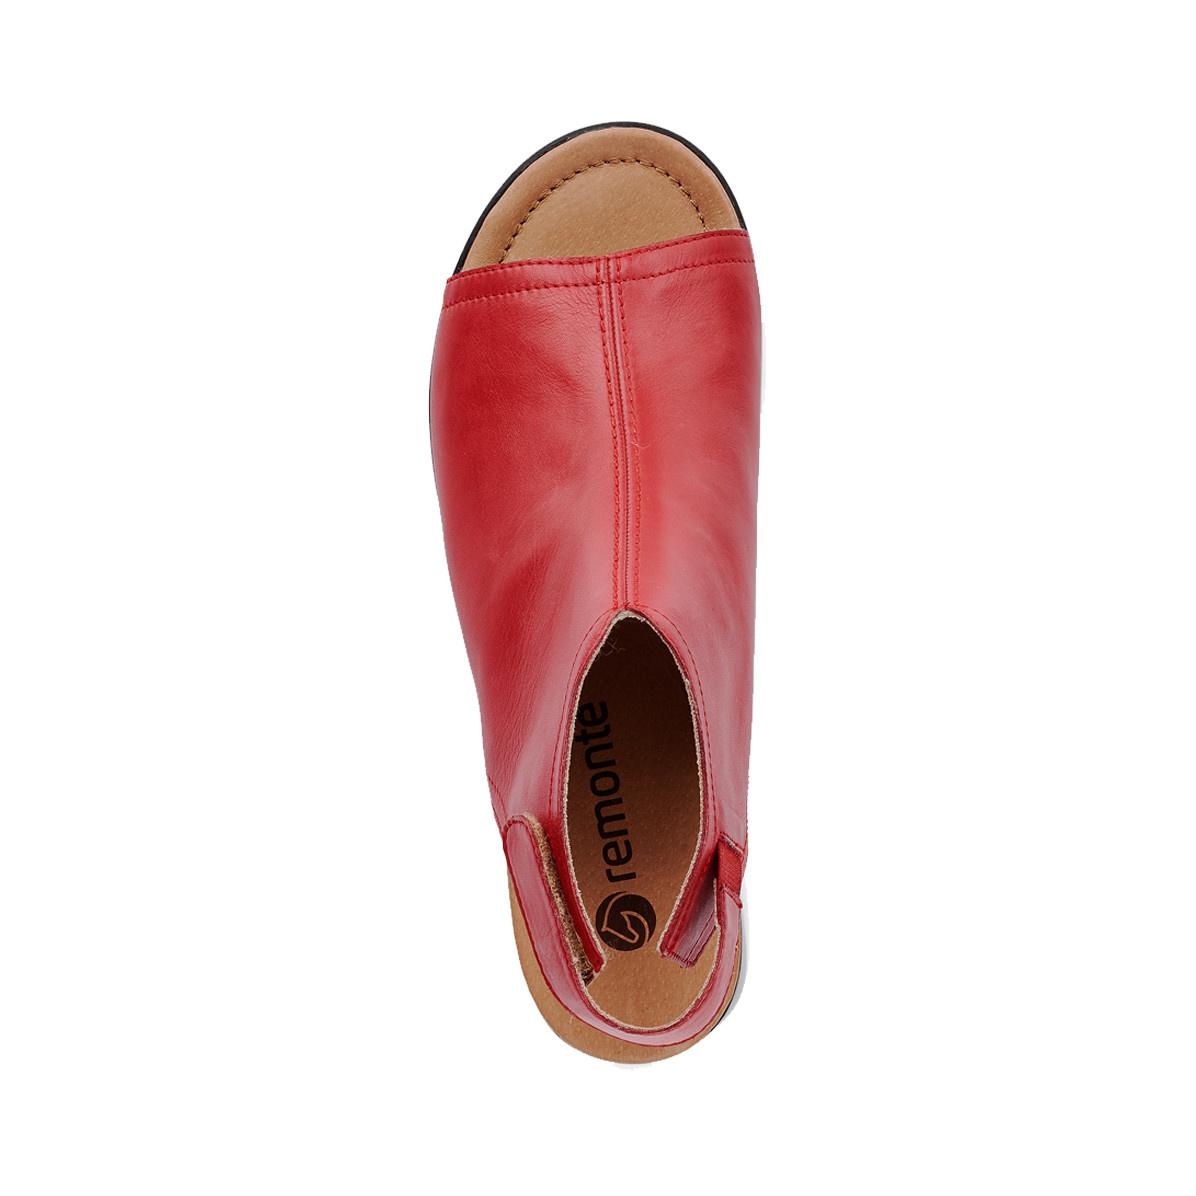 Remonte Remonte Women's R8770-33 Red